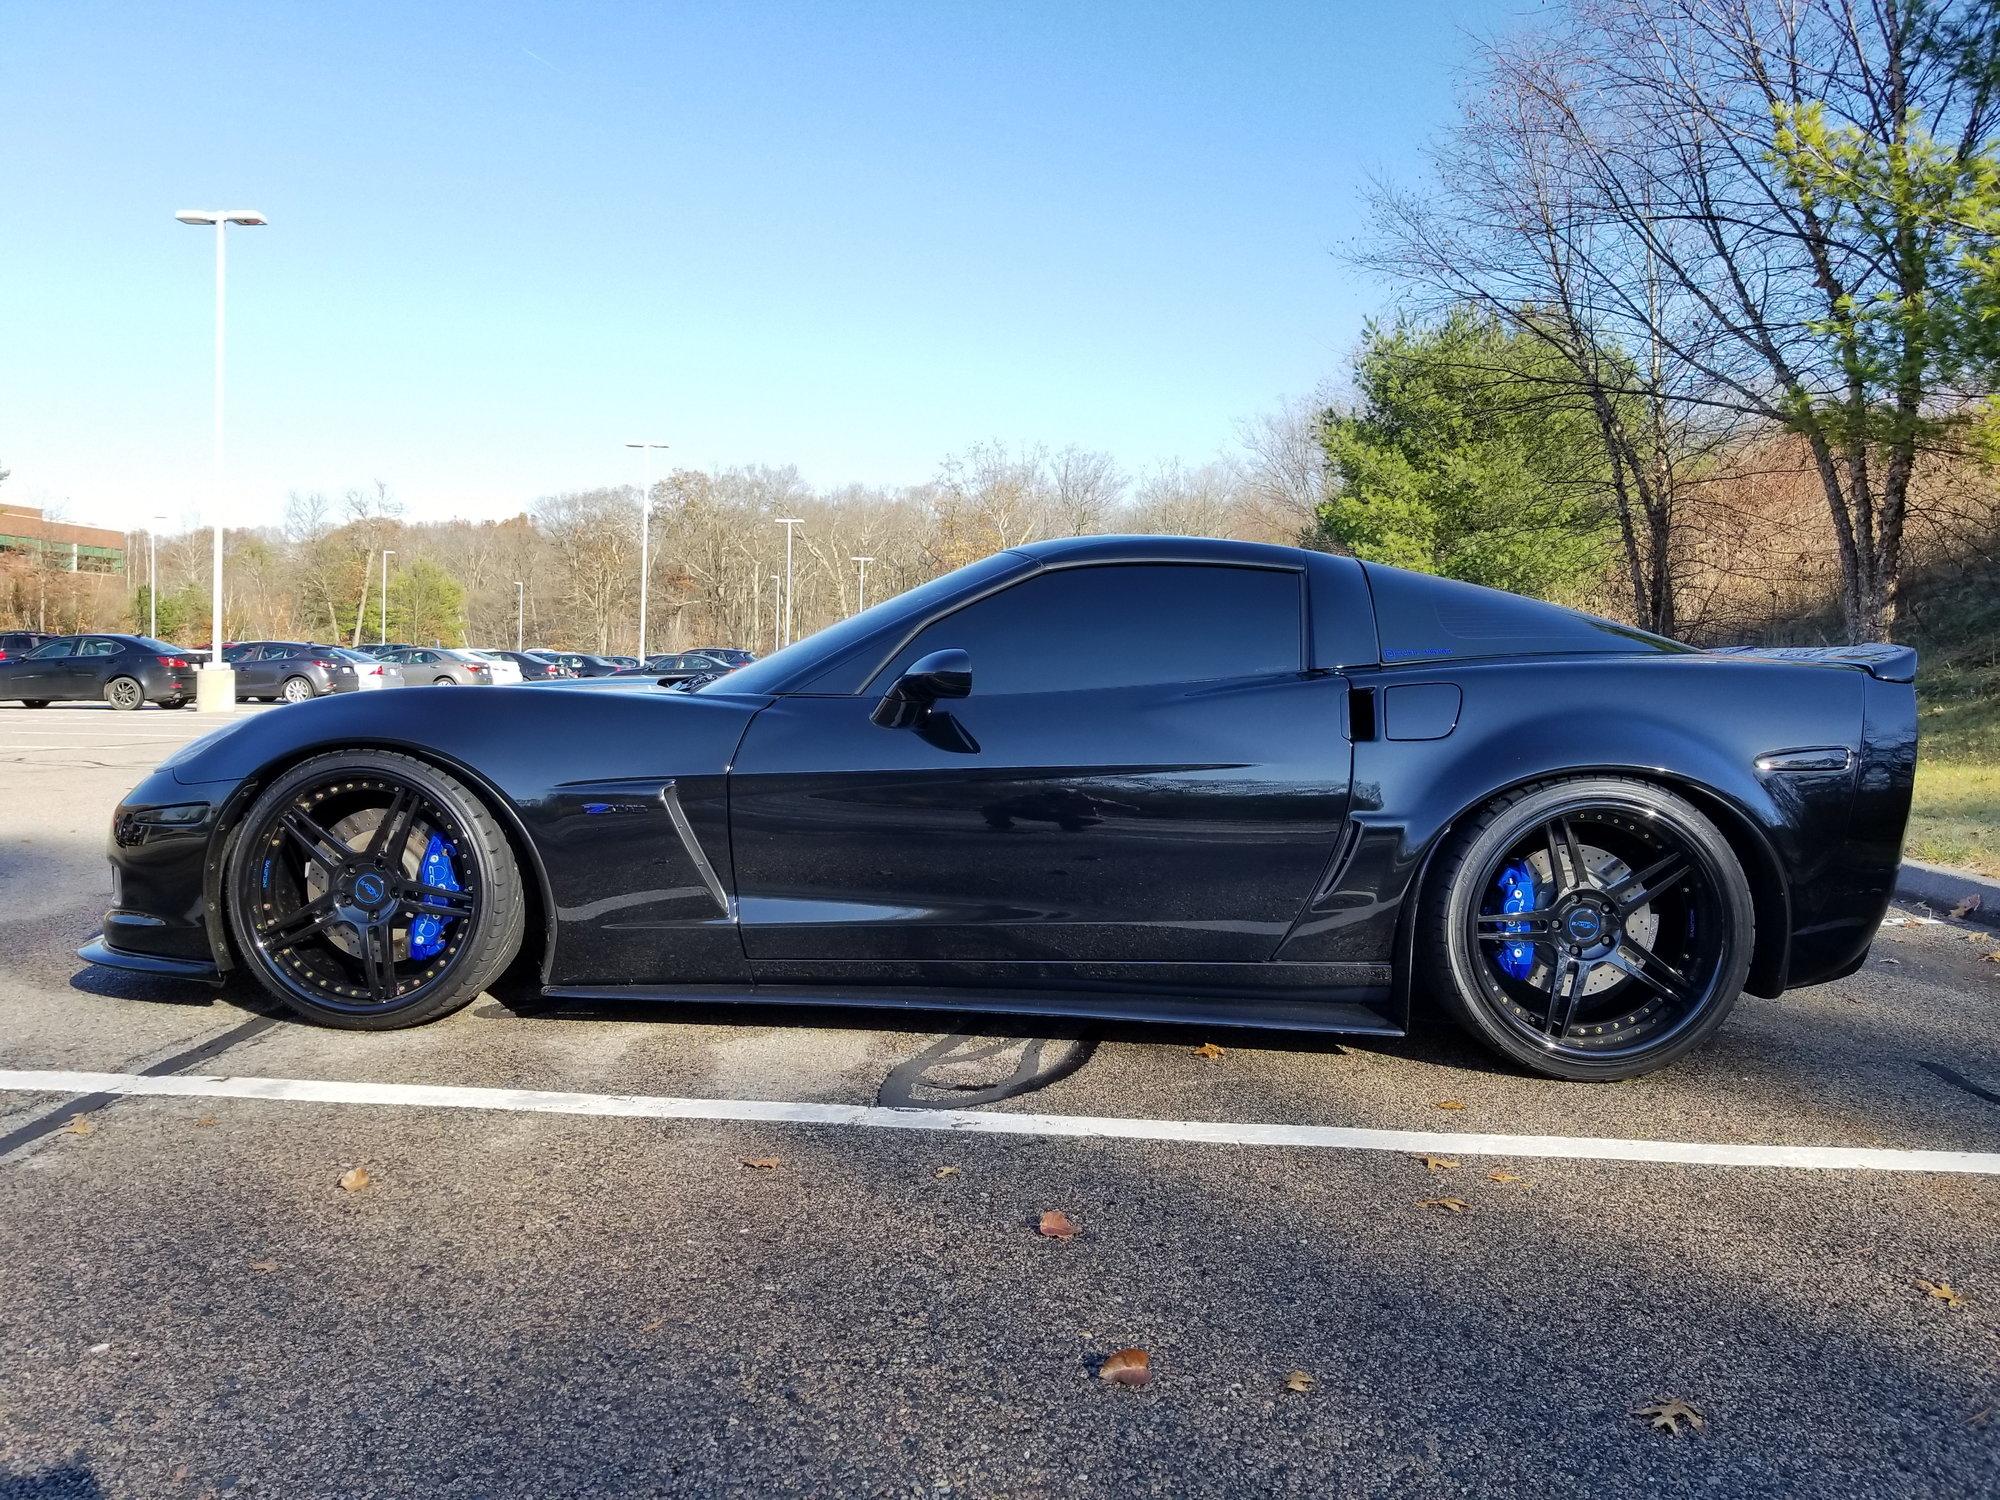 Z06 What coilovers? - CorvetteForum - Chevrolet Corvette